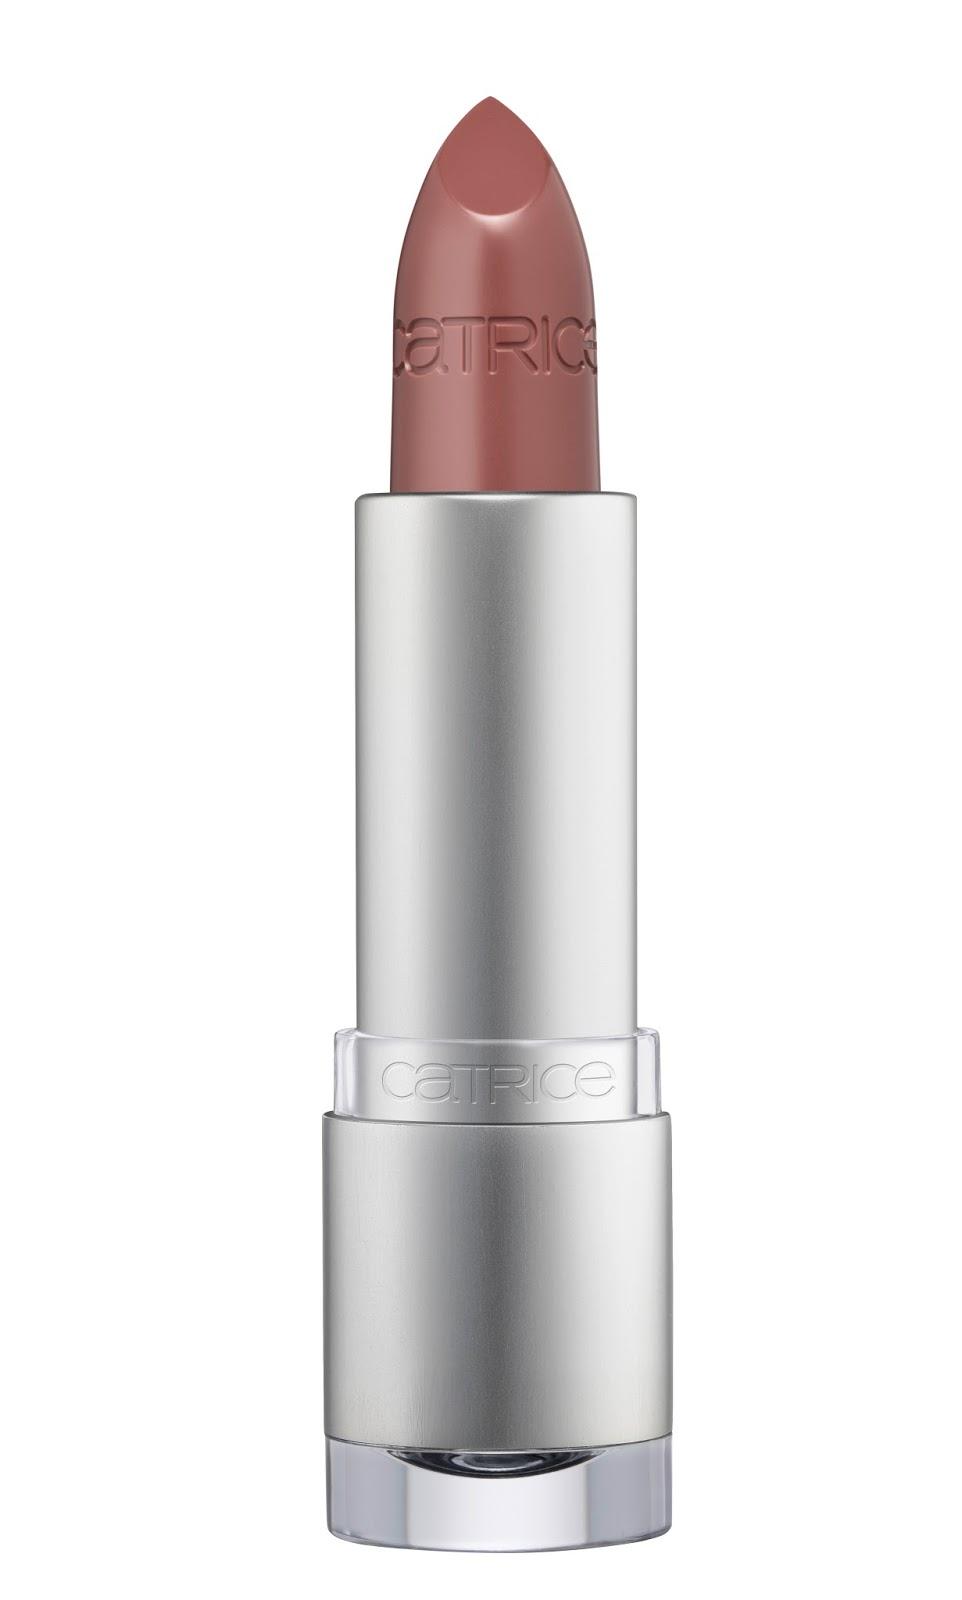 Catrice - Luminous Lips Lipstick